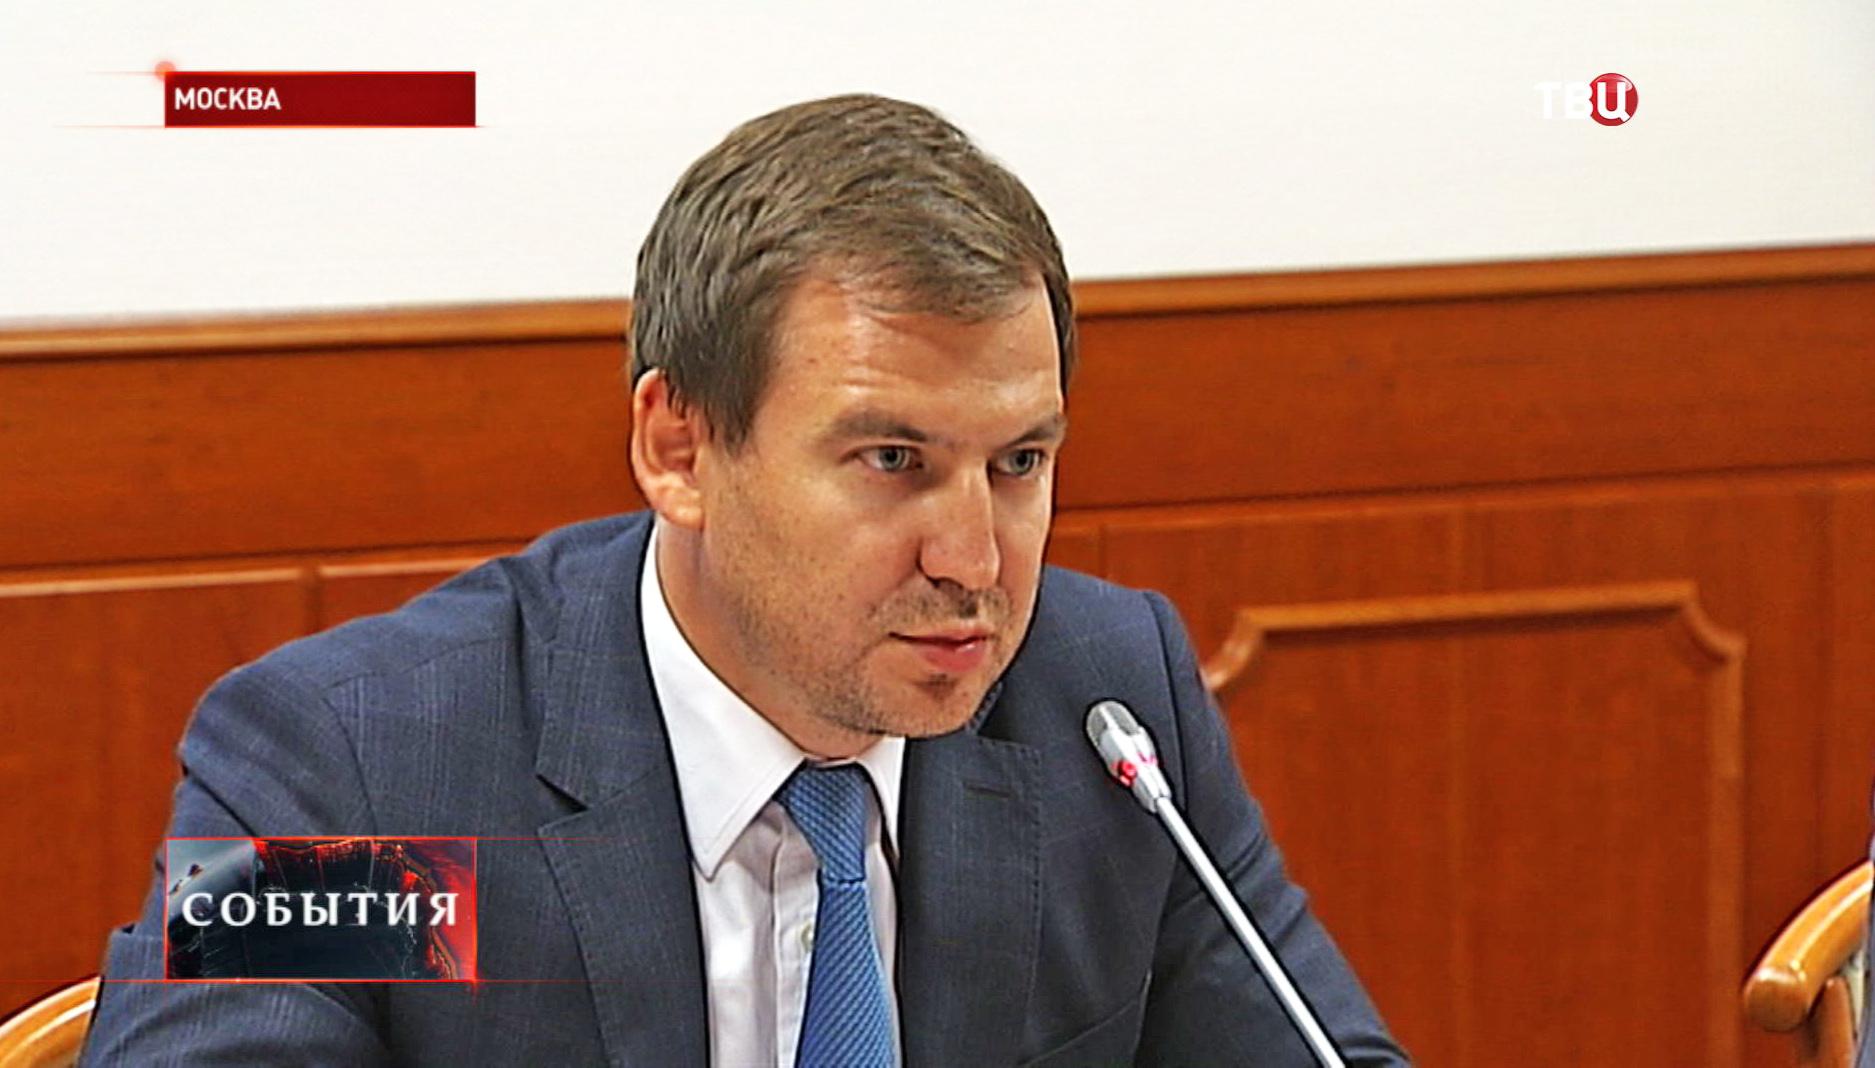 Начальник главного контрольного управления города Москвы